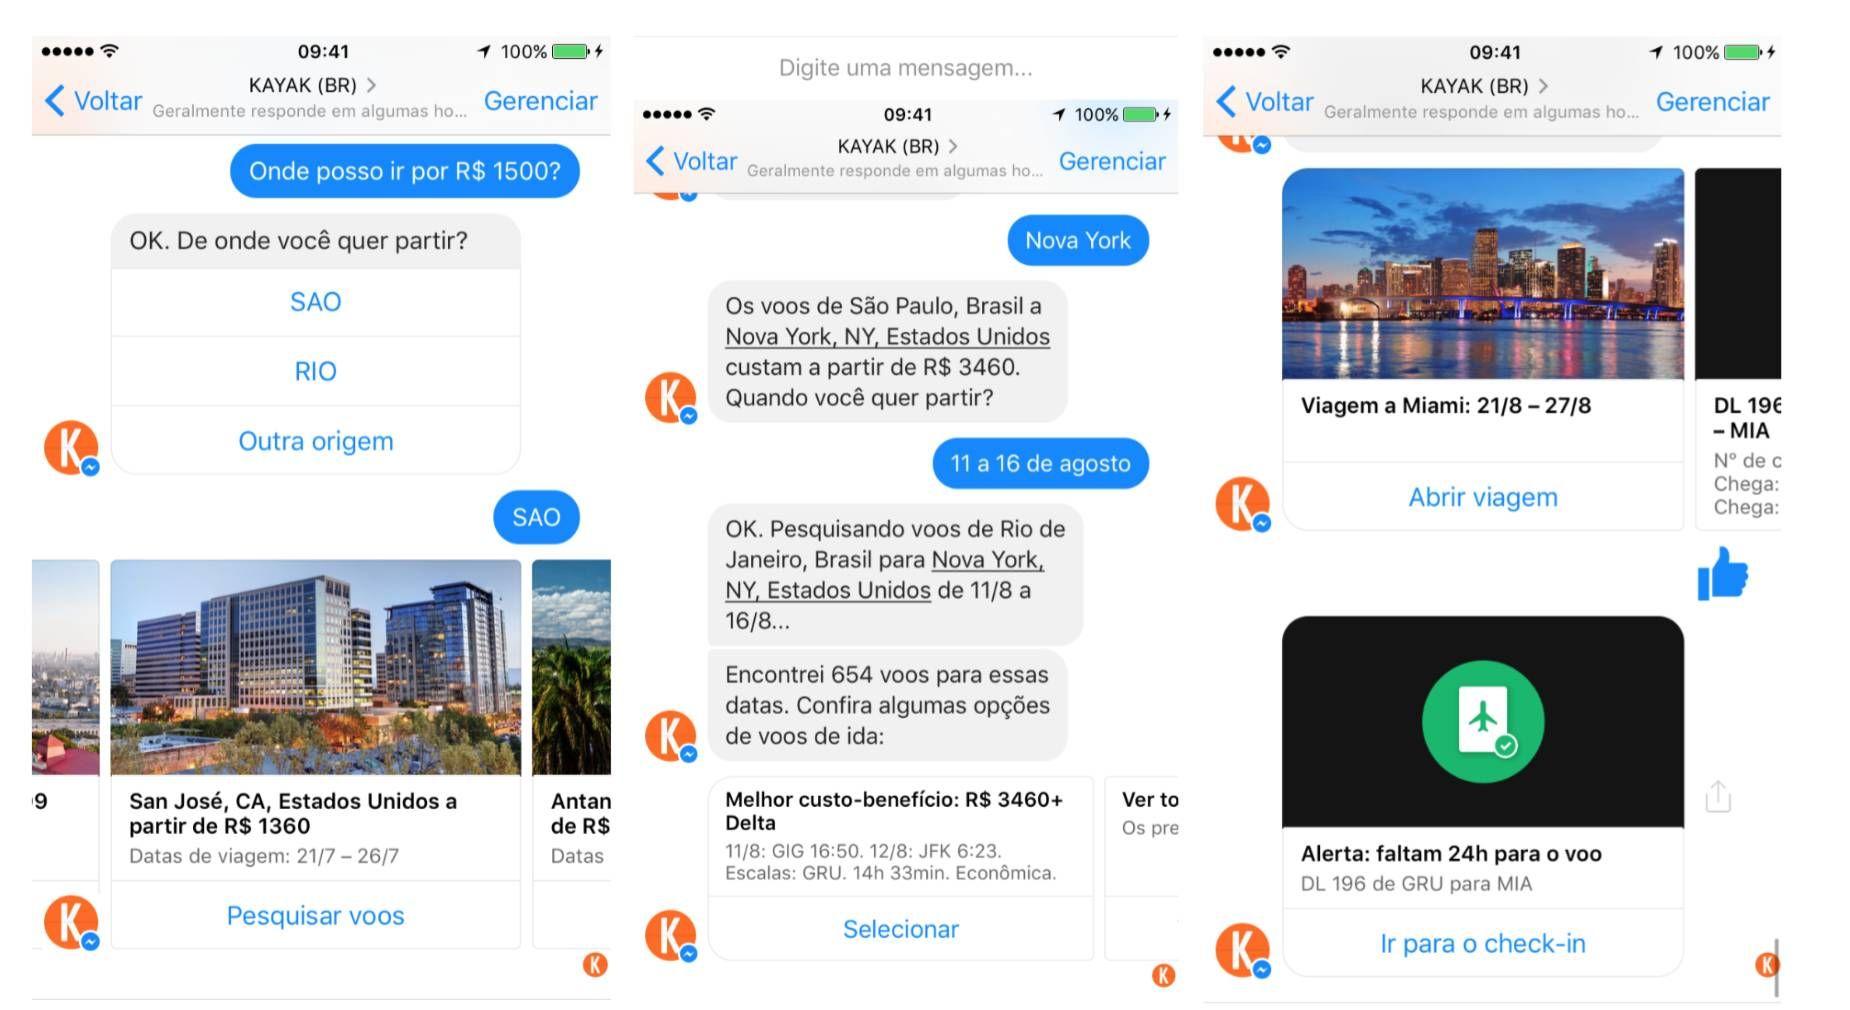 Kayak te ajuda a planejar sua viagem através do messenger do Facebook